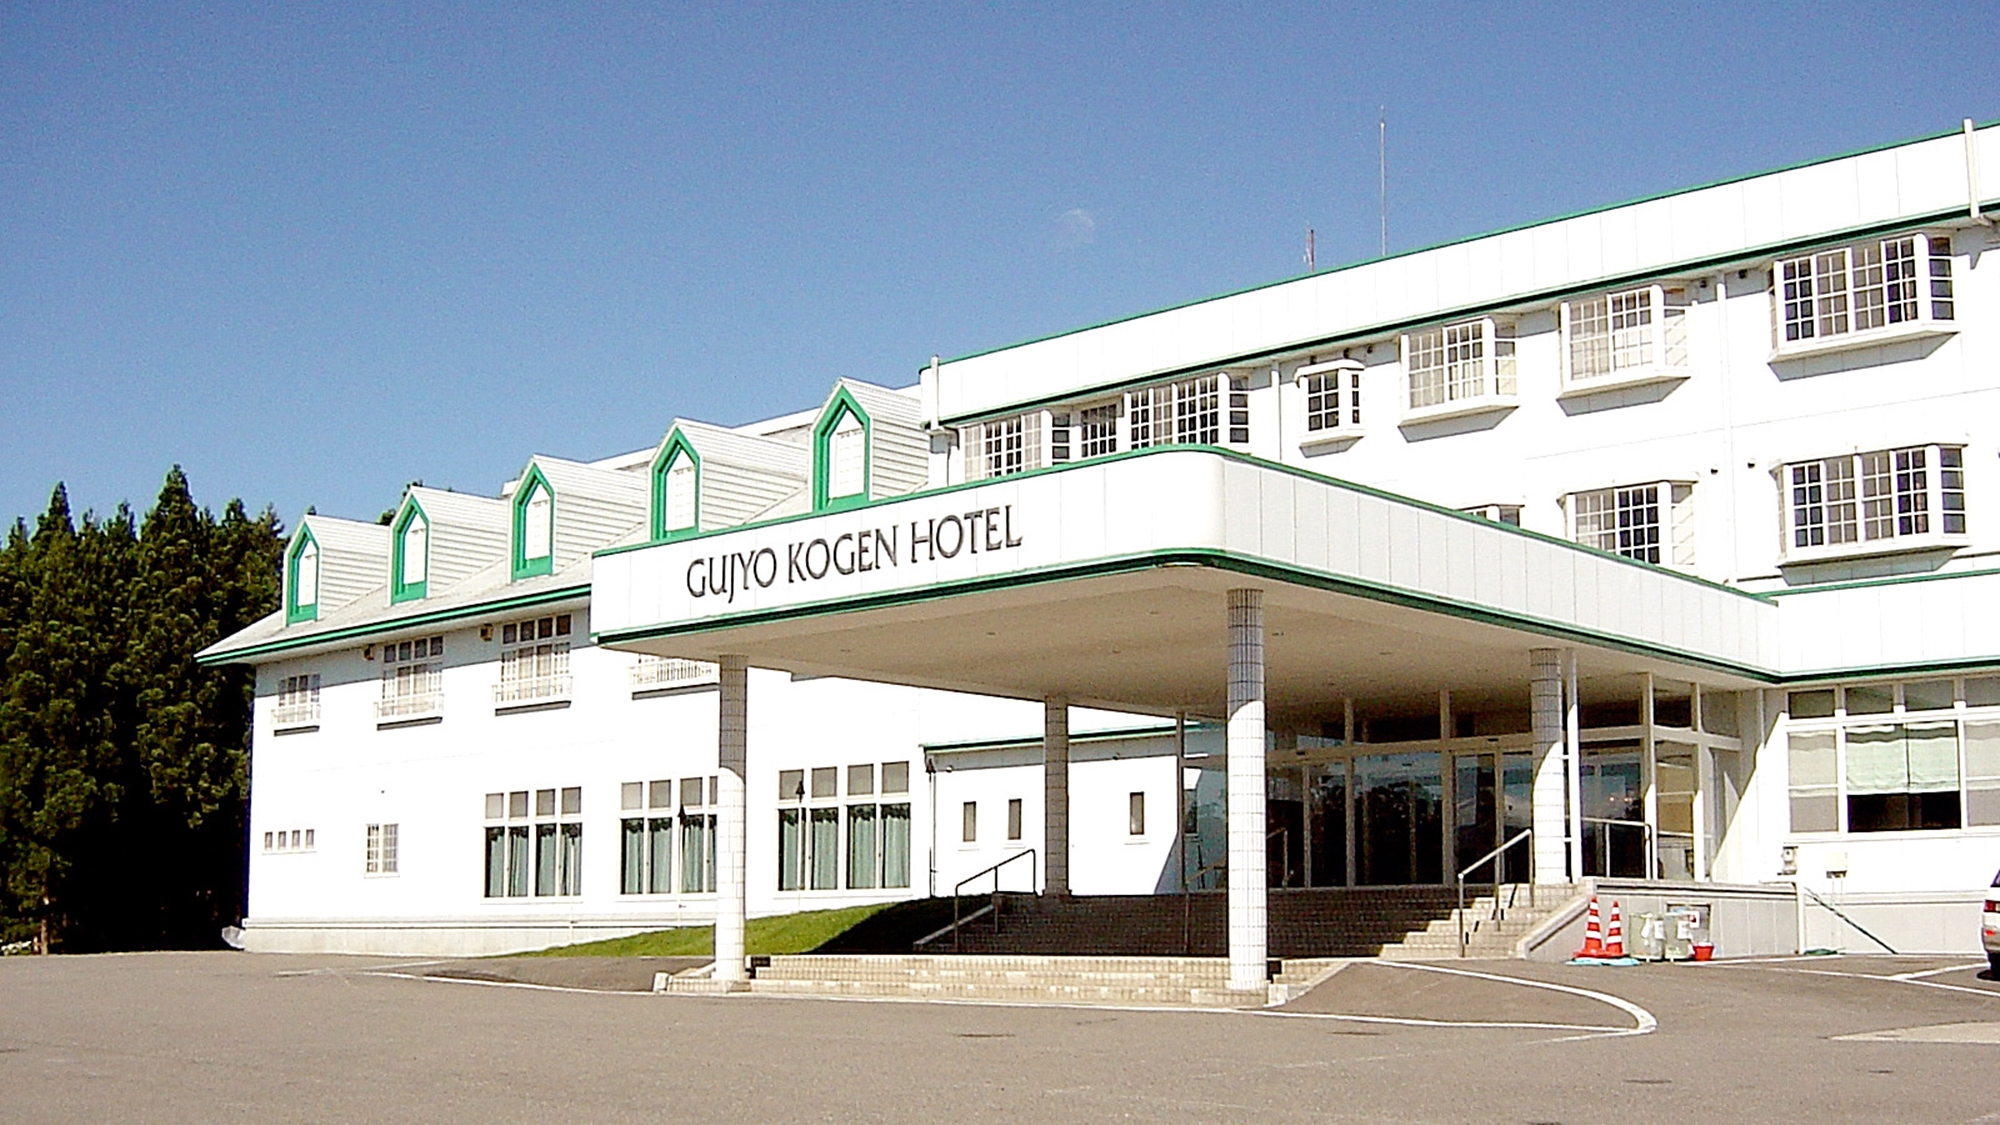 郡上高原ホテル